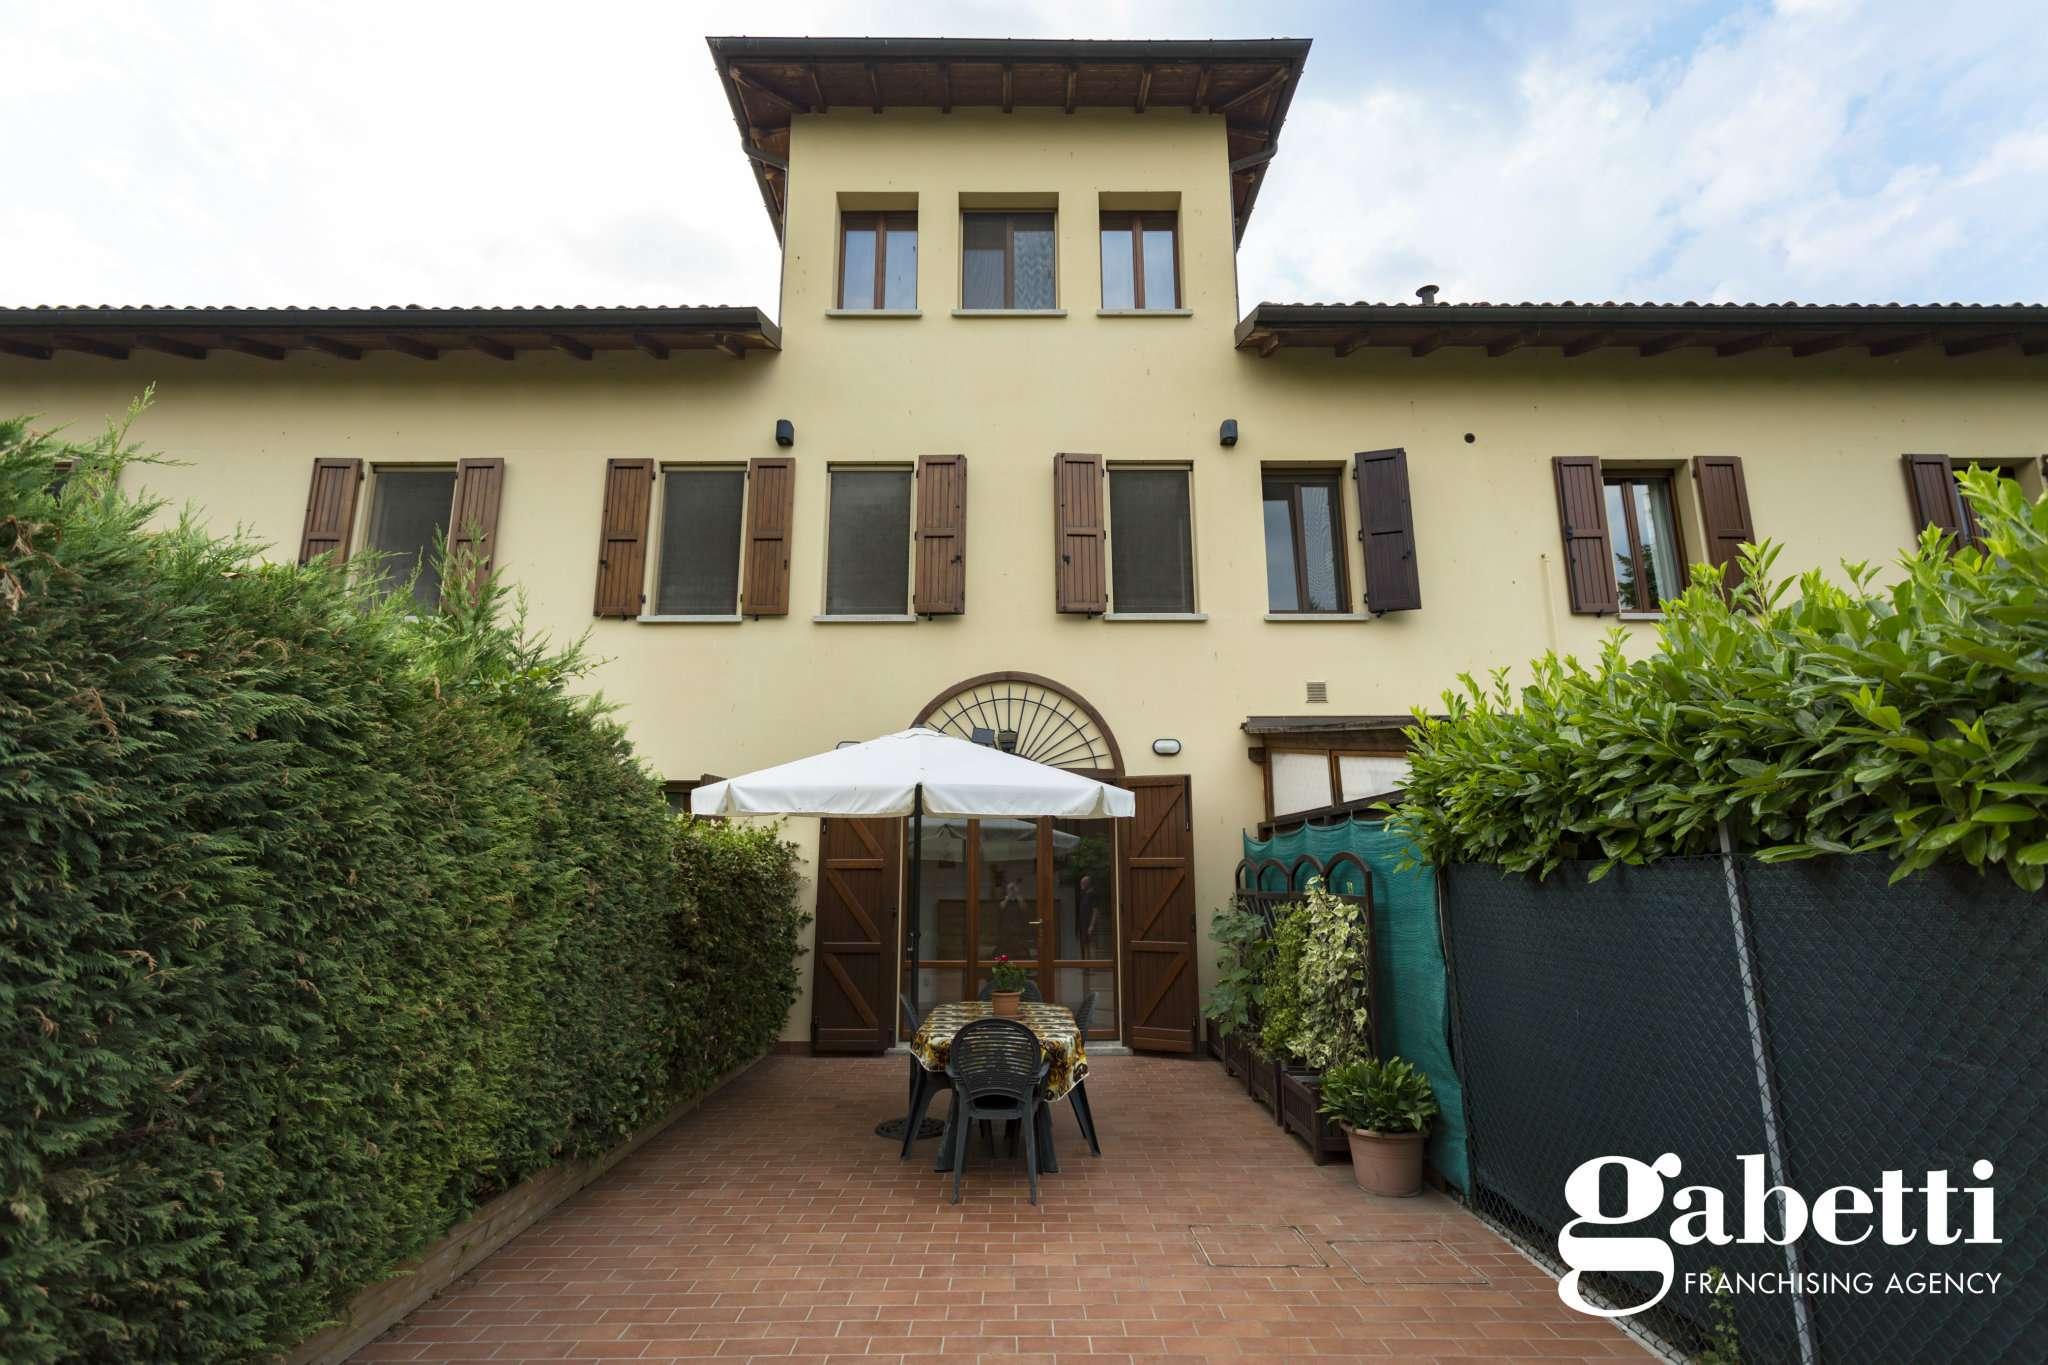 Appartamento in vendita a Castel Maggiore, 5 locali, prezzo € 320.000 | Cambio Casa.it